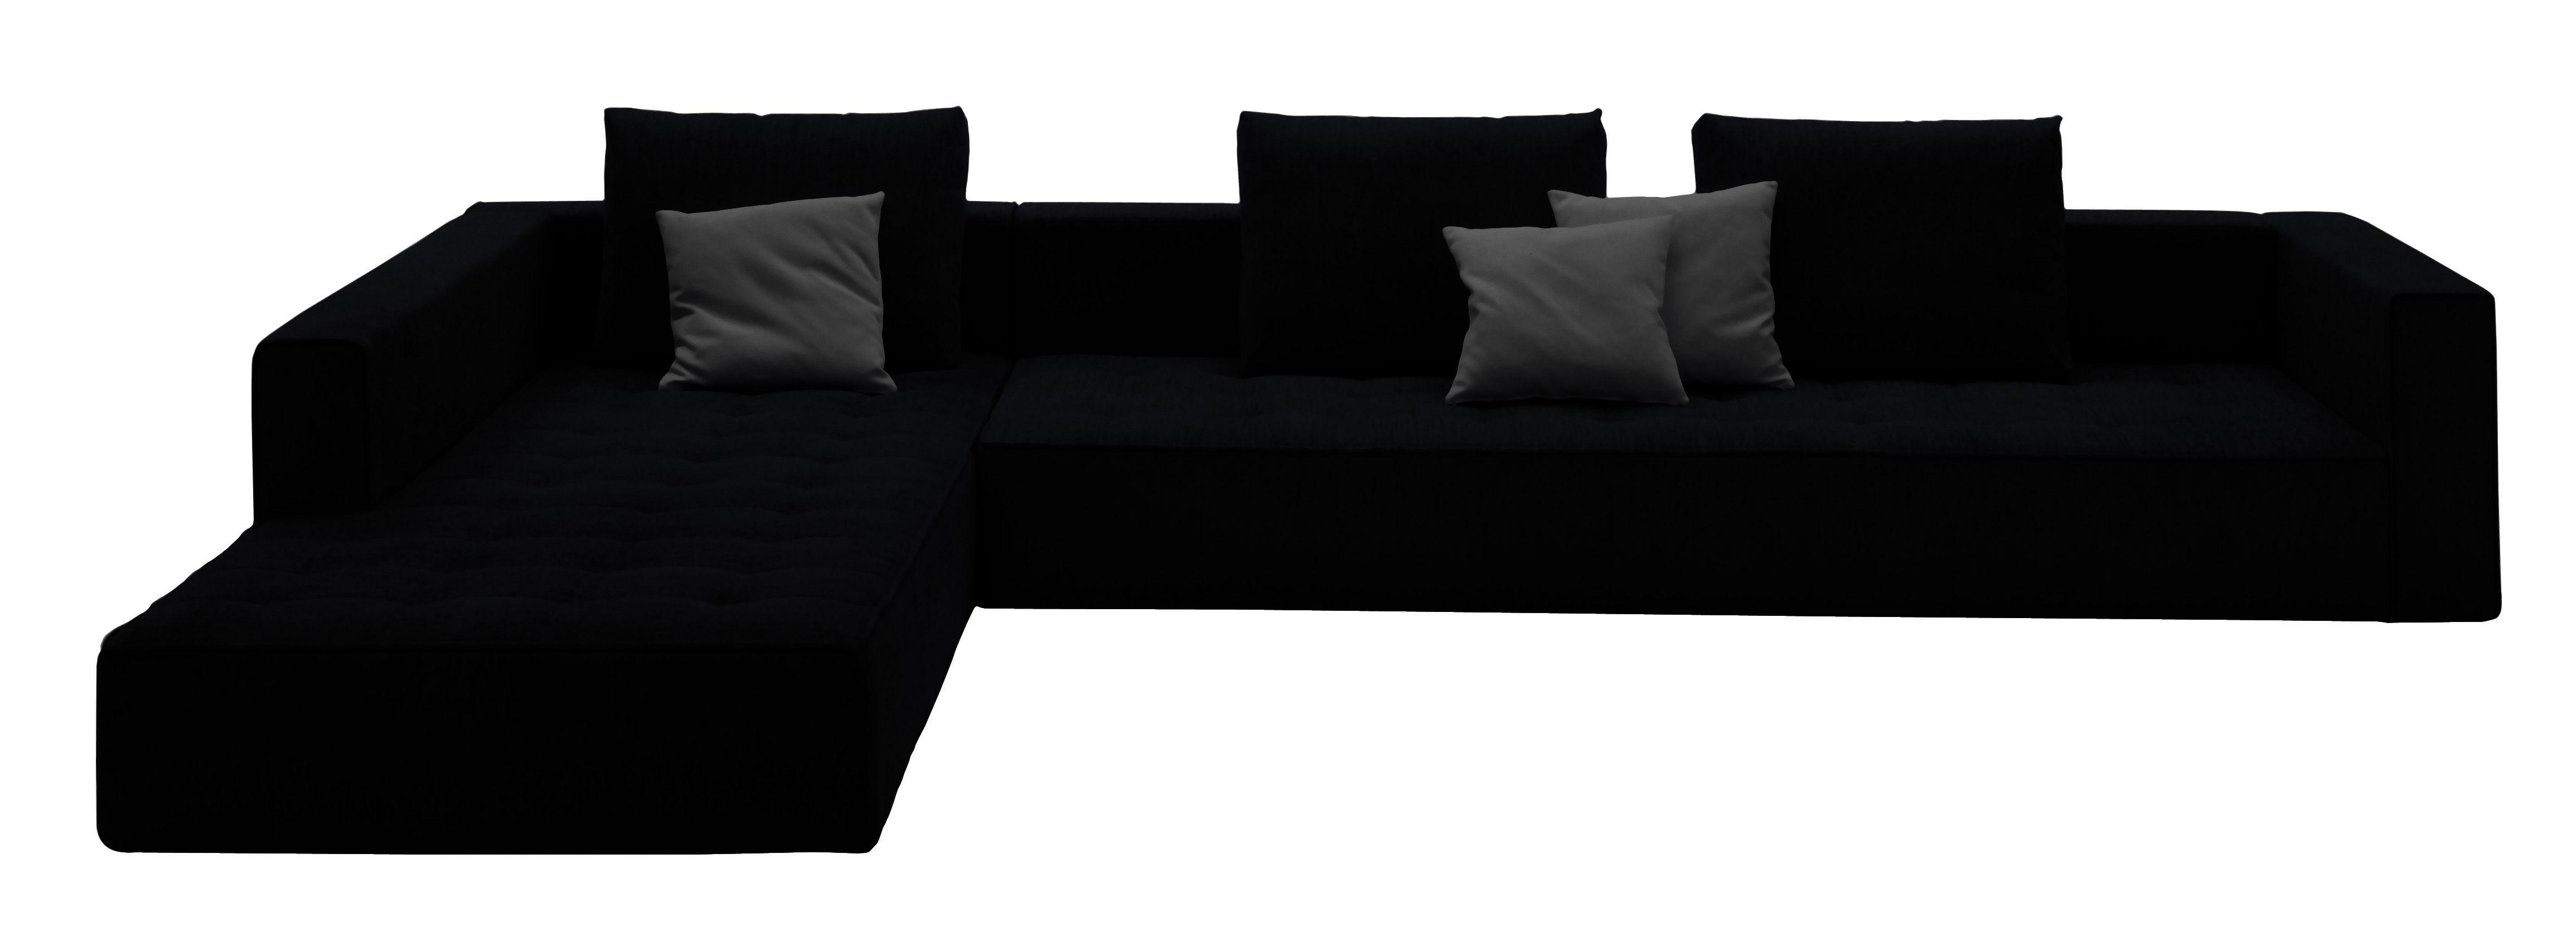 Möbel - Sofas - Kilt Ecksofa Leder - Zanotta - Leder - schwarz - Leder